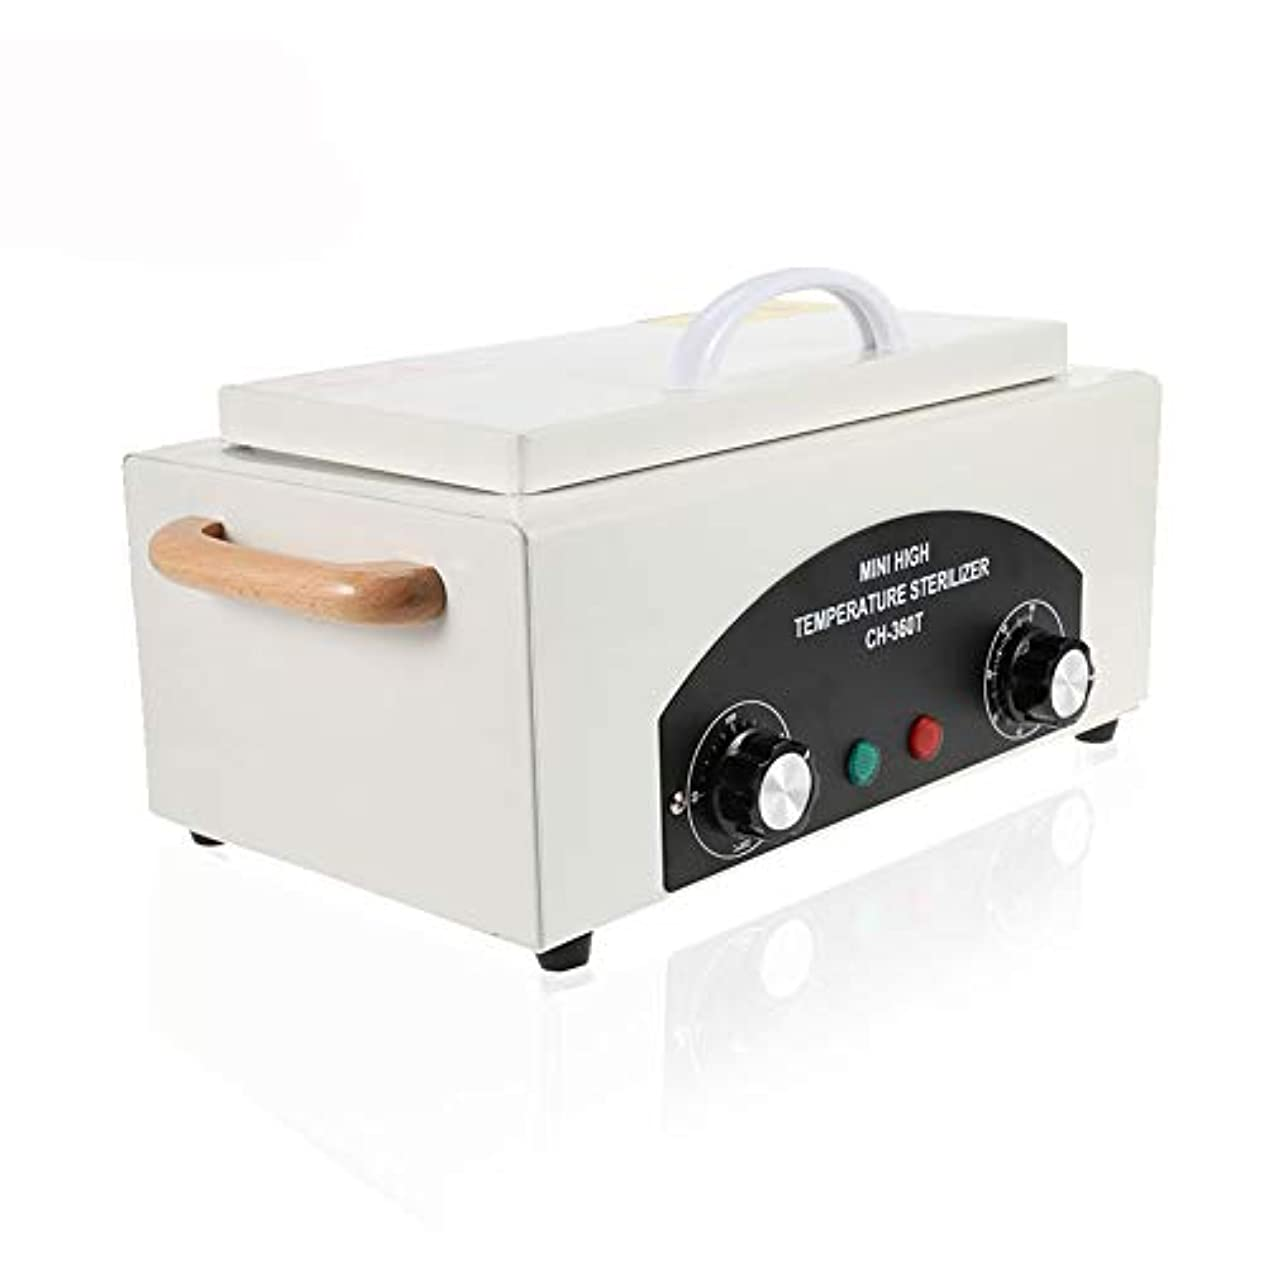 最初にセマフォ誰300ワットドライヒート高温UV殺菌ボックスネイルアートツール殺菌ボックス熱気消毒キャビネットネイルアクセサリー